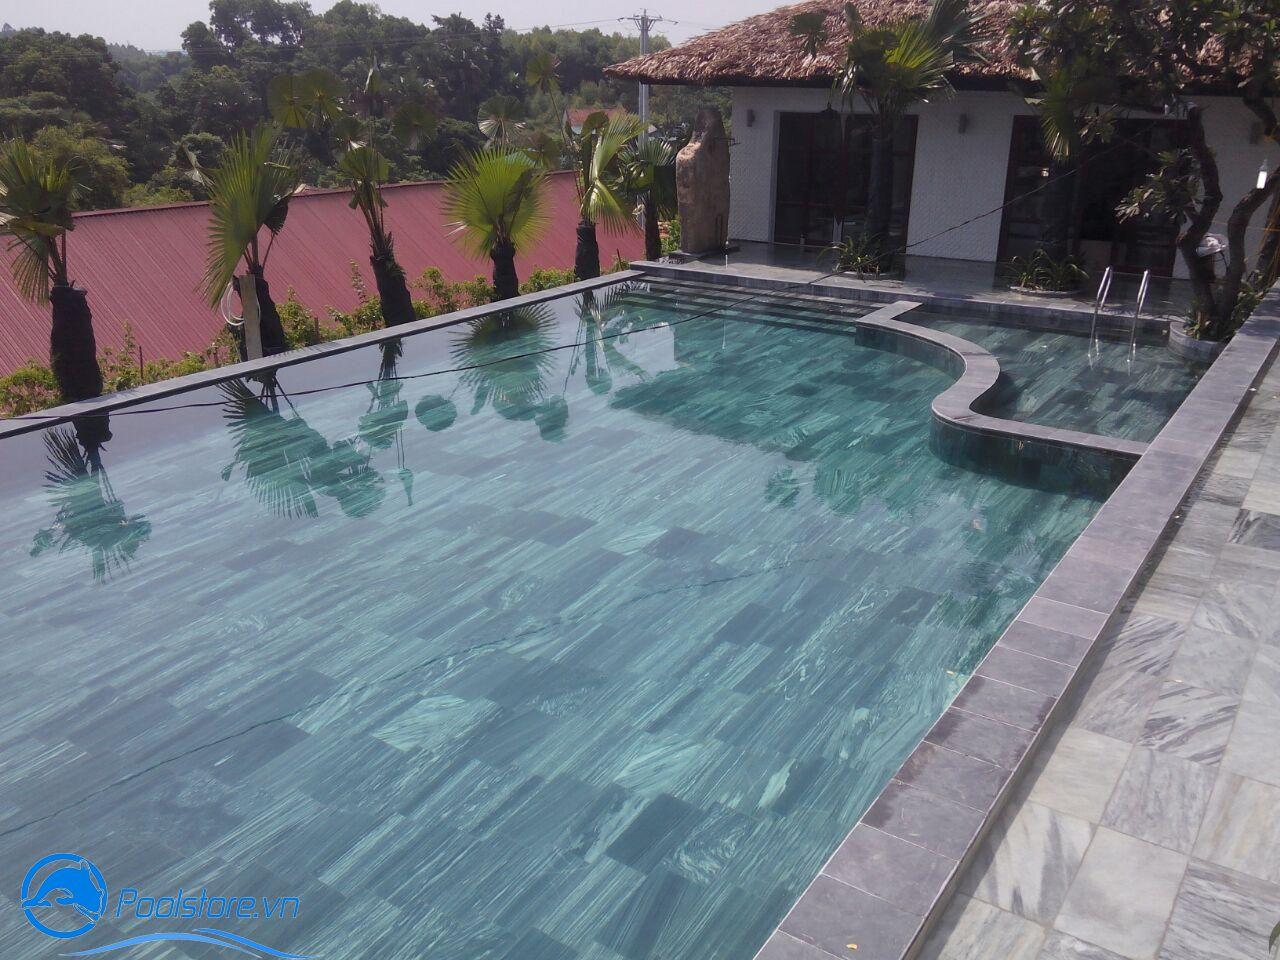 VianPool (Tiếng Việt) Quy trình lắp đặt thiết bị hồ bơi khu dân cư, hồ công cộng